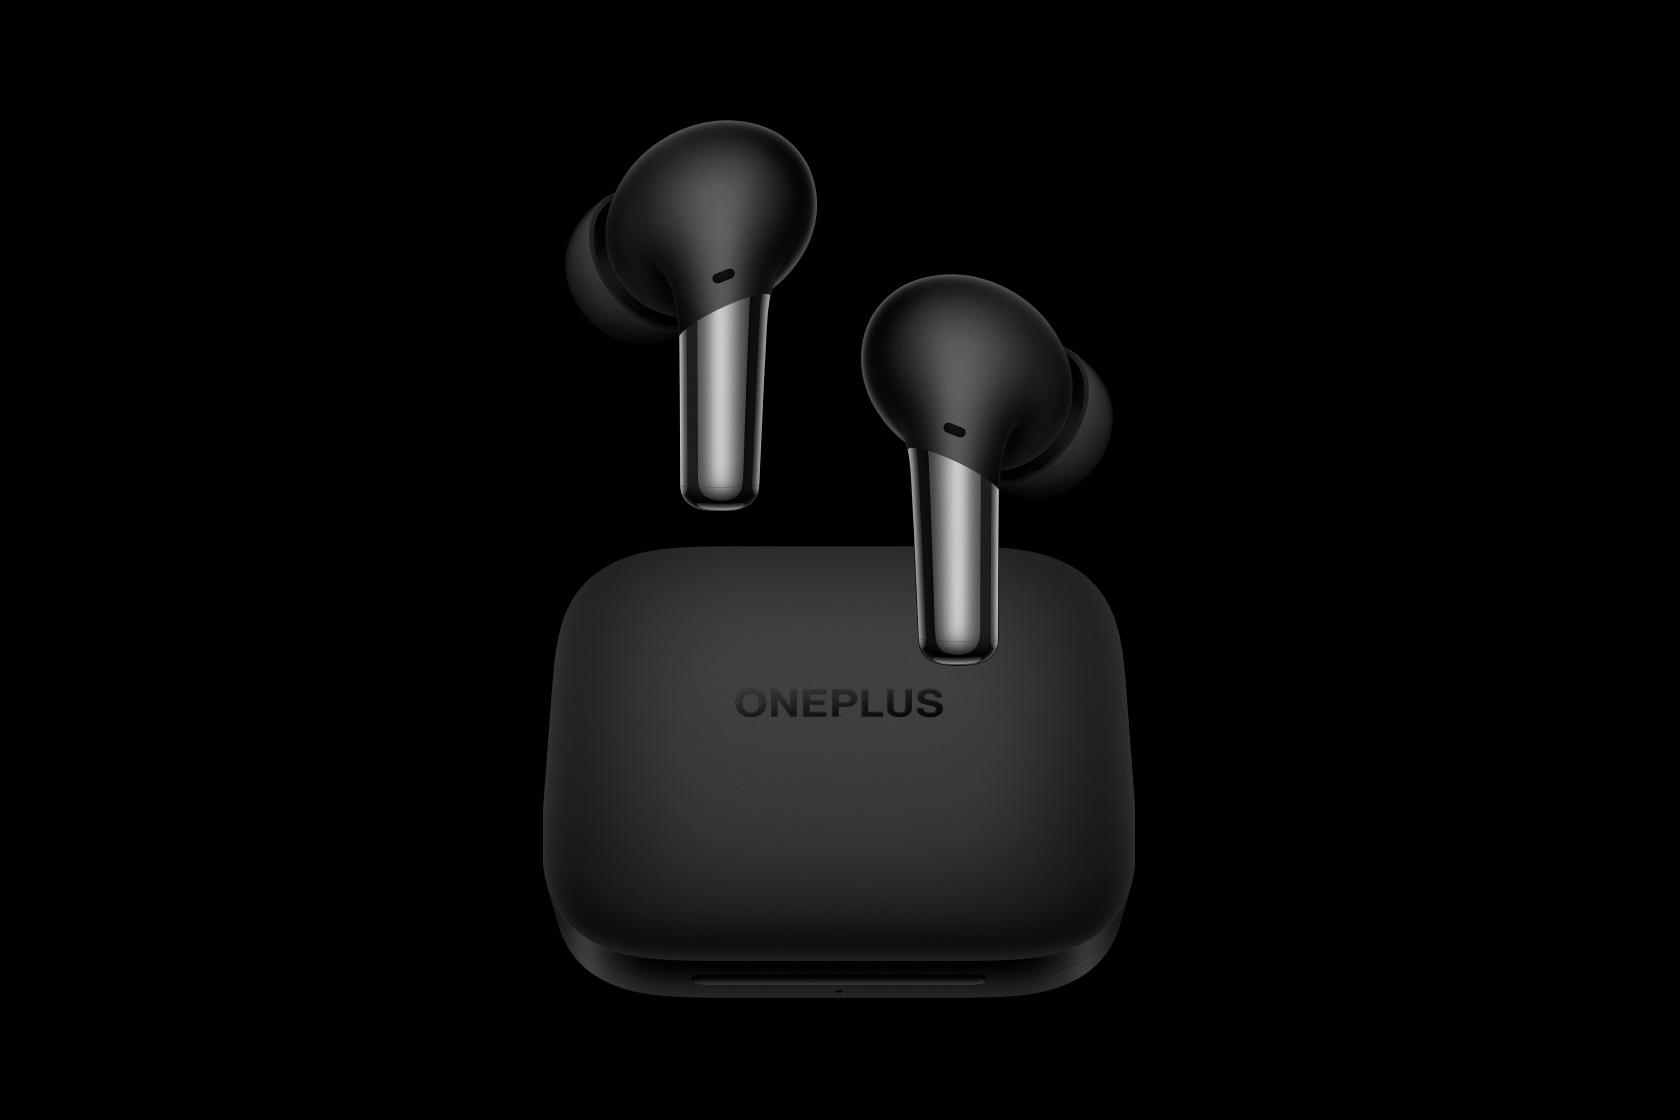 Глава OnePlus заявил, что беспроводные наушники Buds Pro лучше Apple AirPods Pro